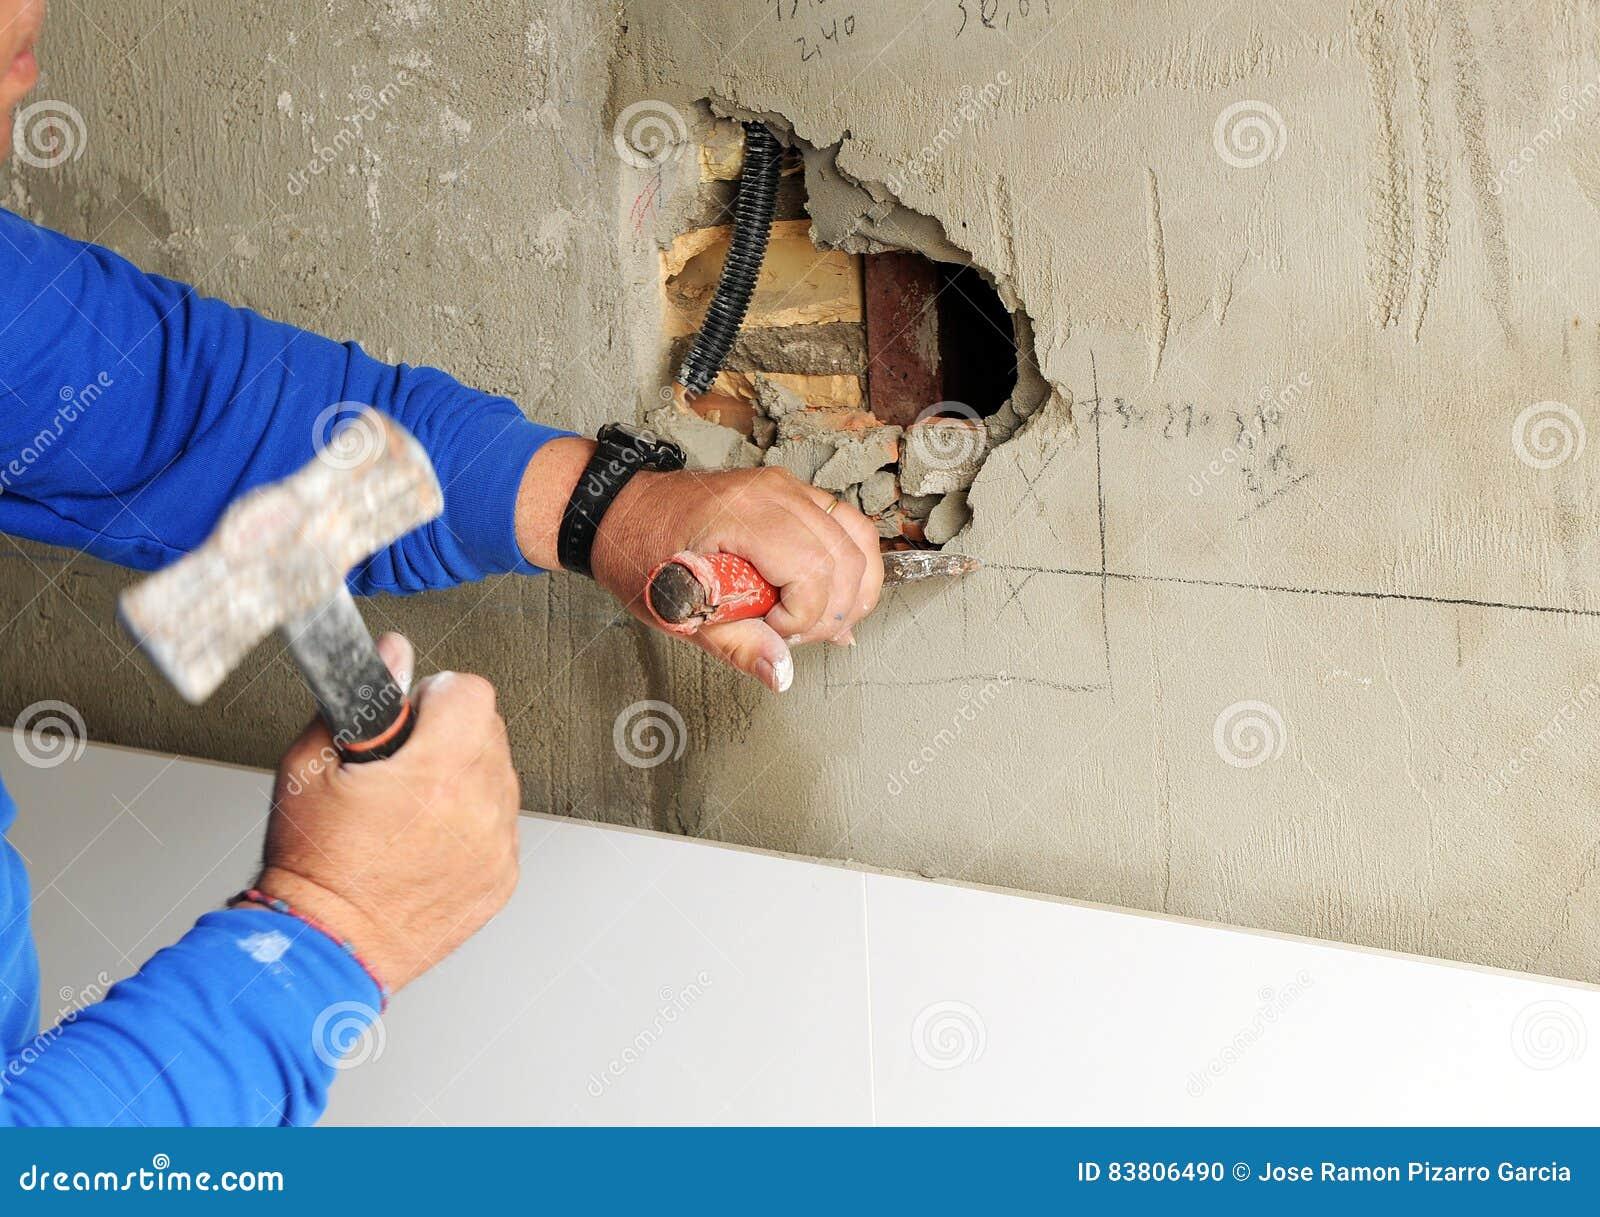 Beliebt Maurer, Der Das Loch In Der Wand Vorbereitet, Um Steckdosen Eines KQ65